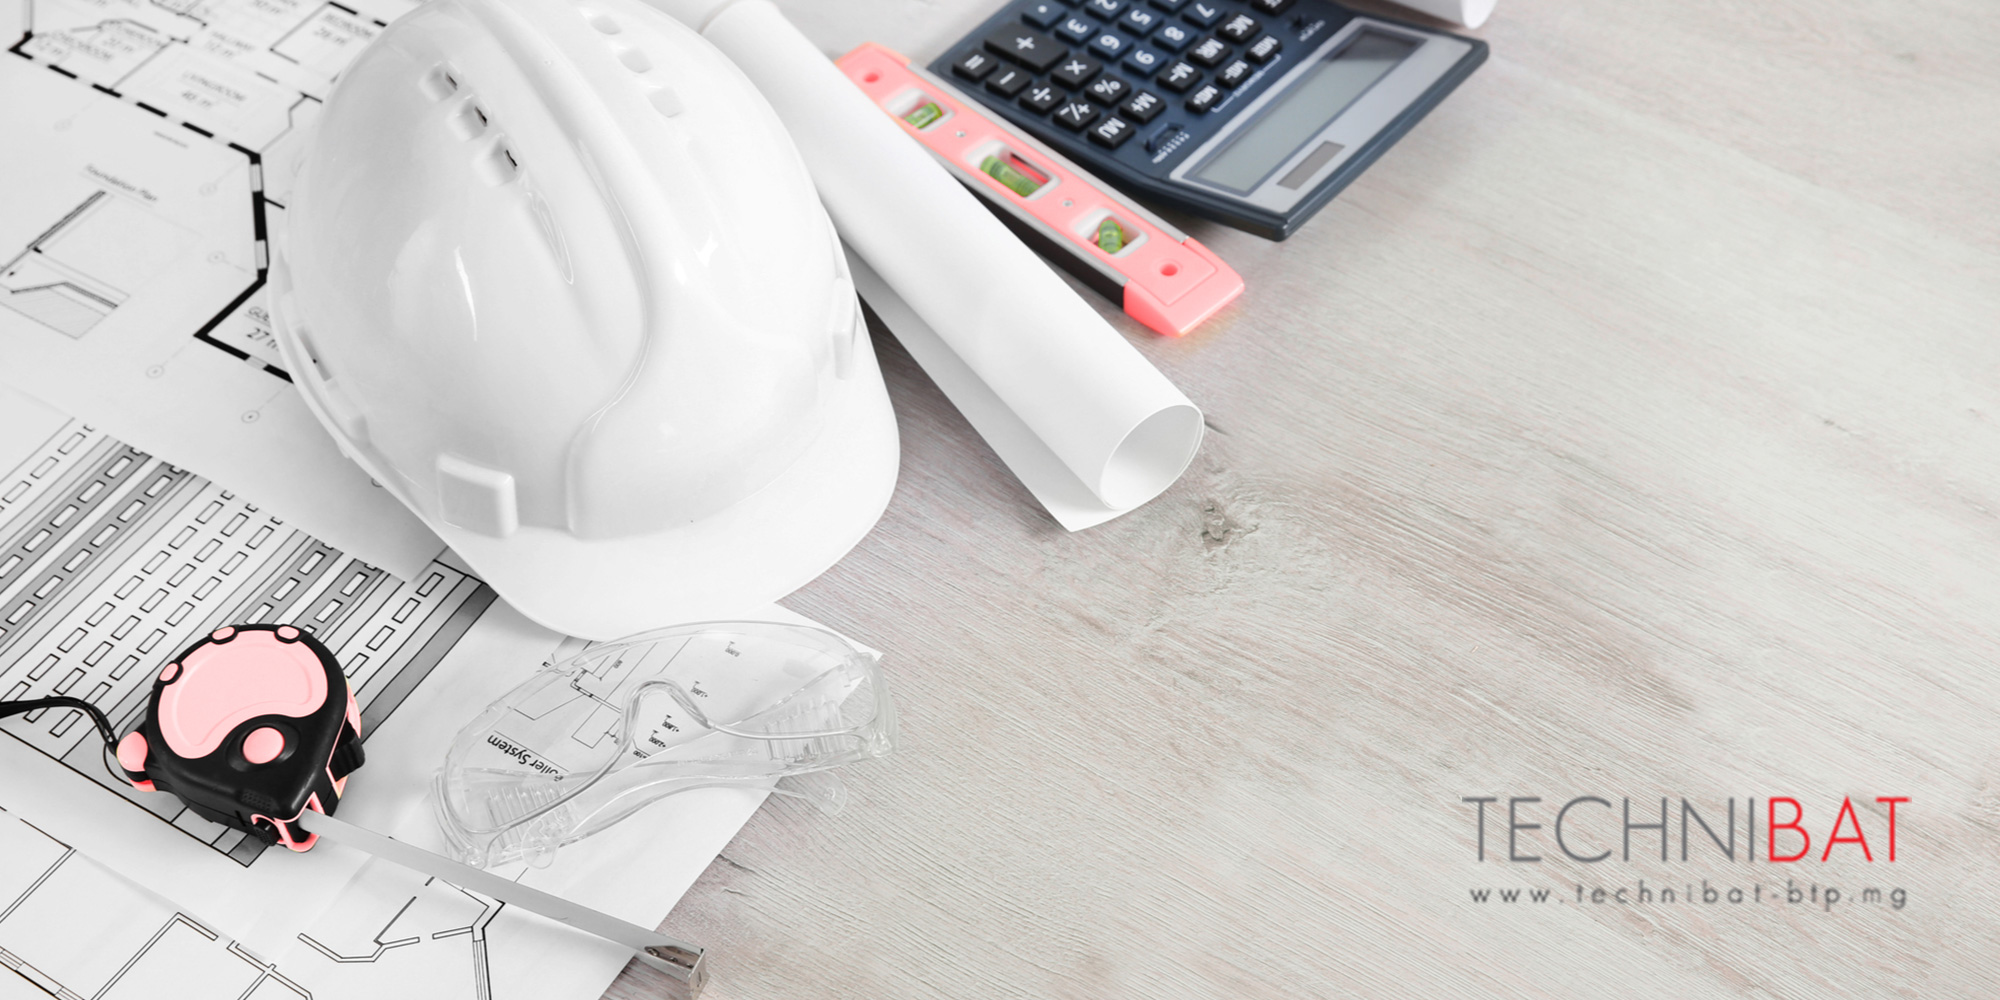 7 bonnes raisons de choisir Technibat comme partenaire dans la construction industrielle